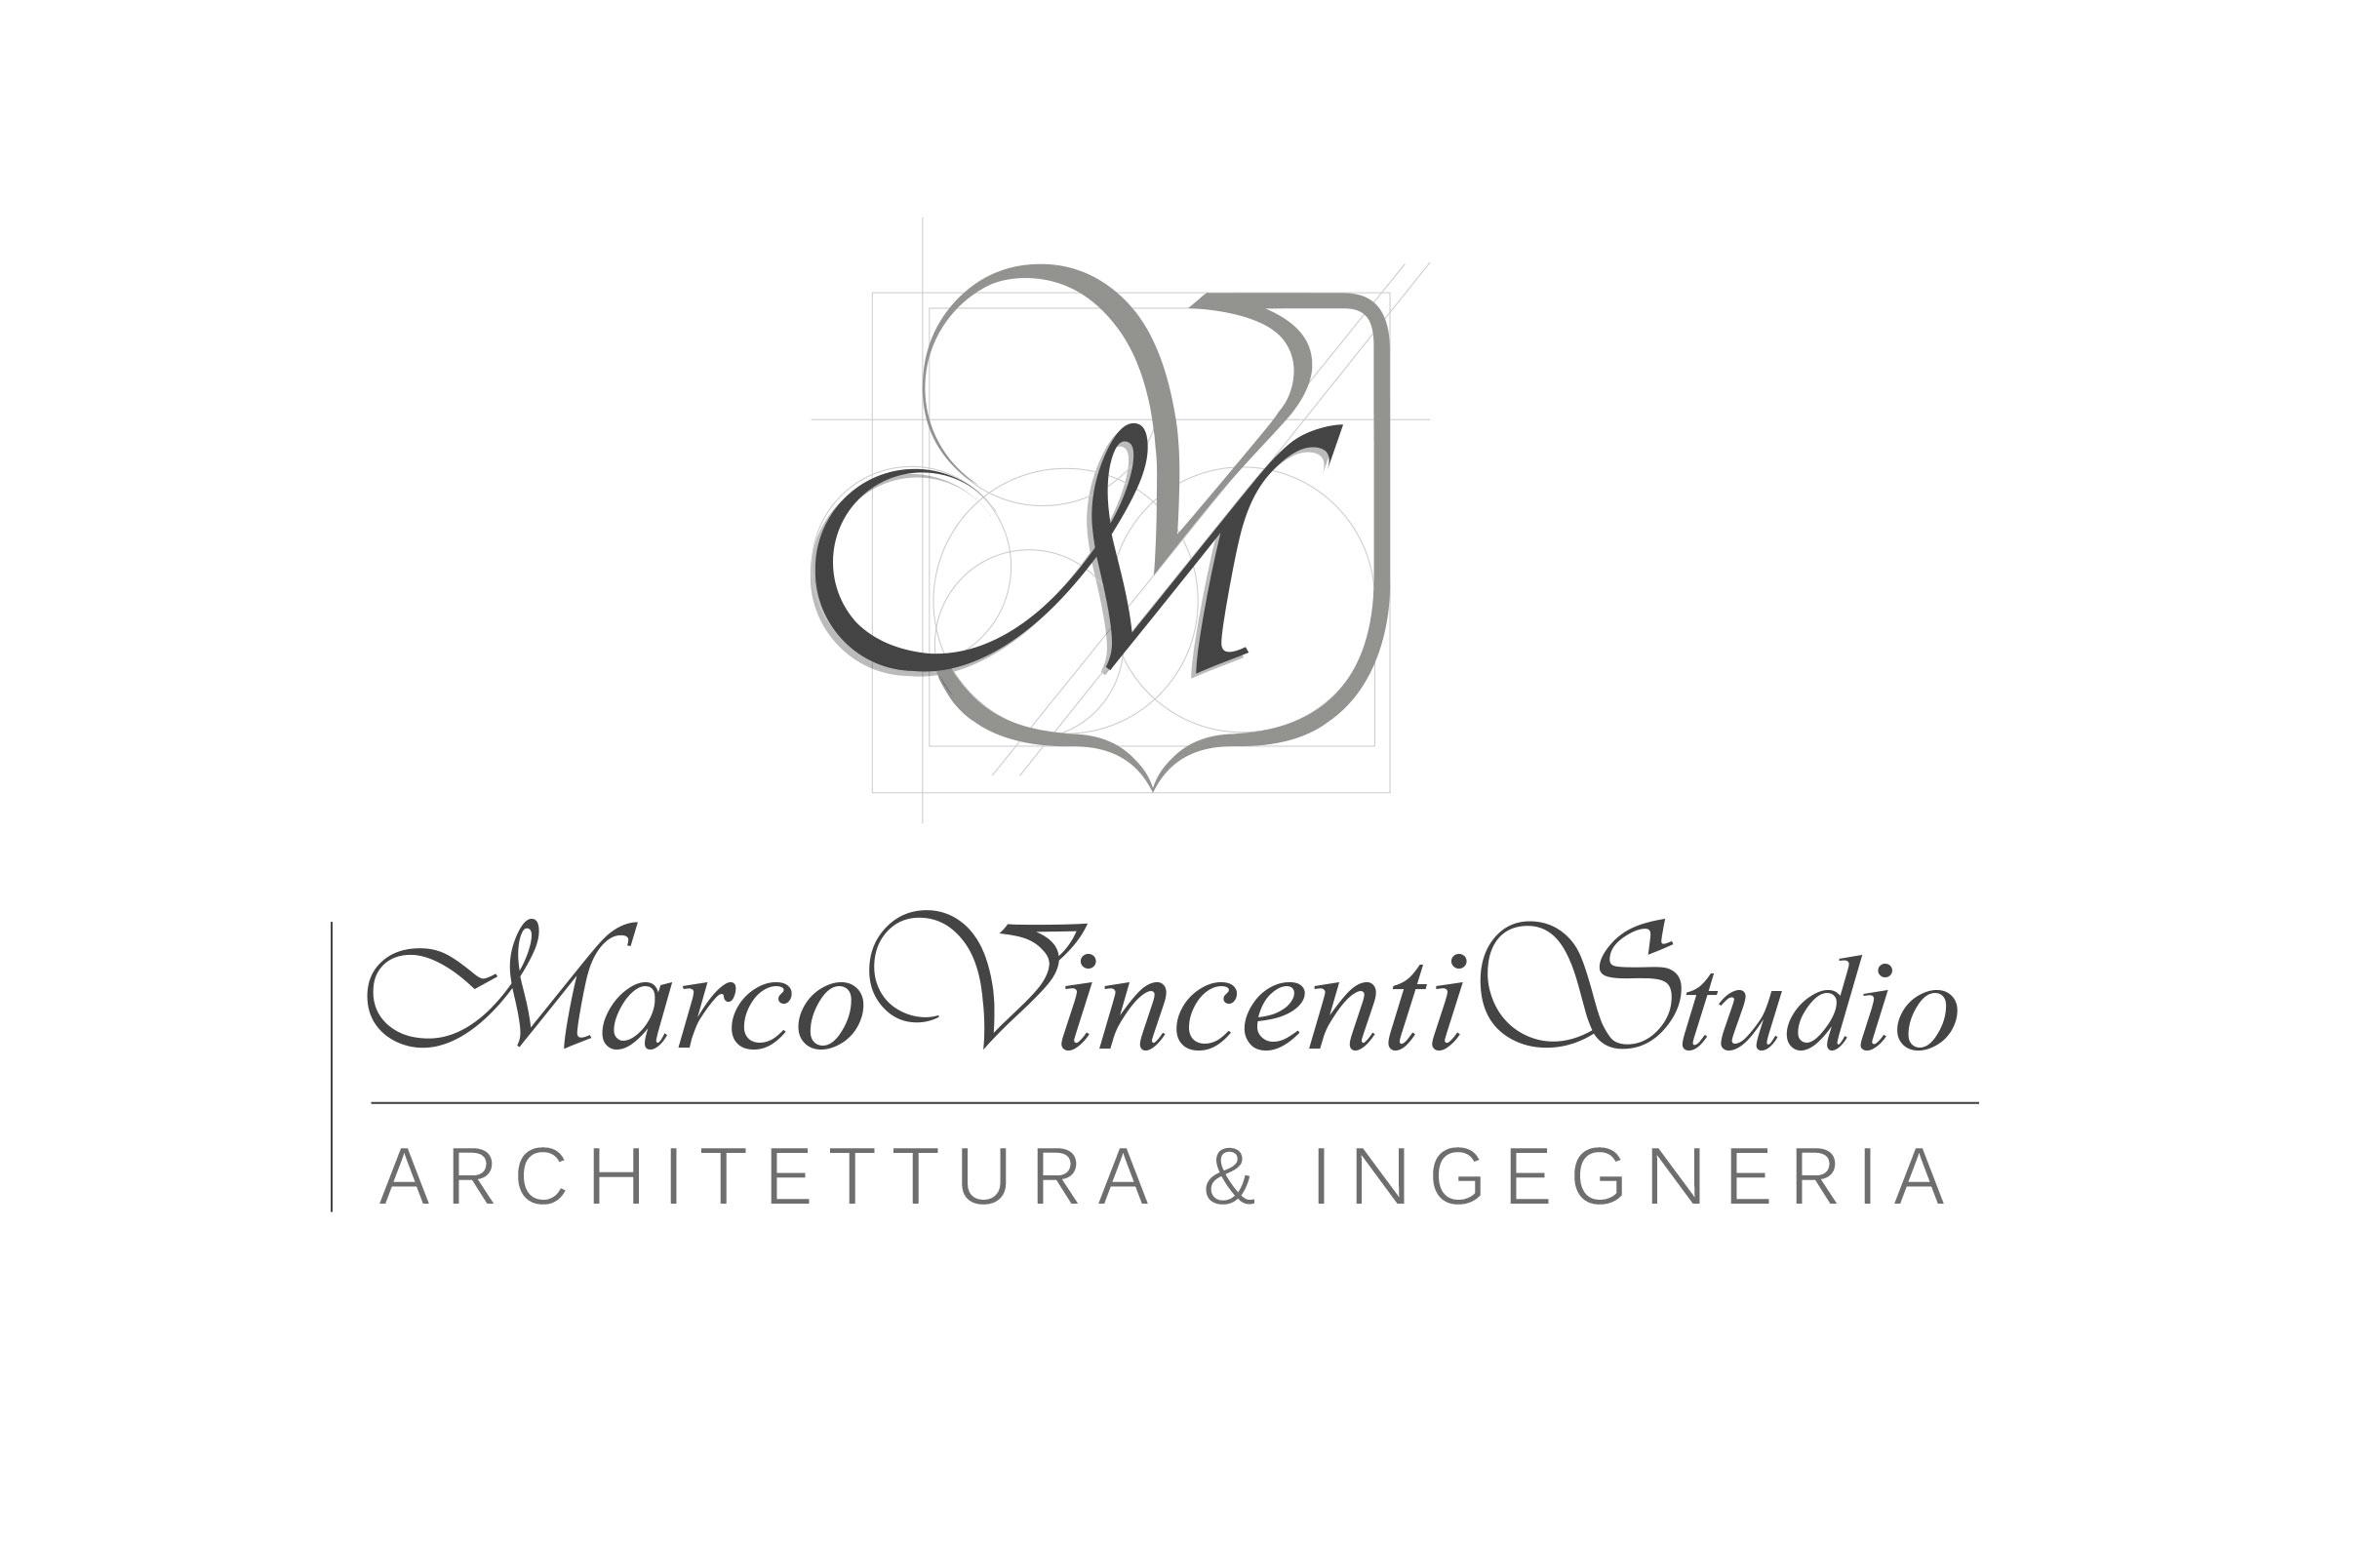 Marco-Vincenti-Studio-Architettura-e-Ingegnerai-Restyling-vecchi-loghi-parte3a-Roma